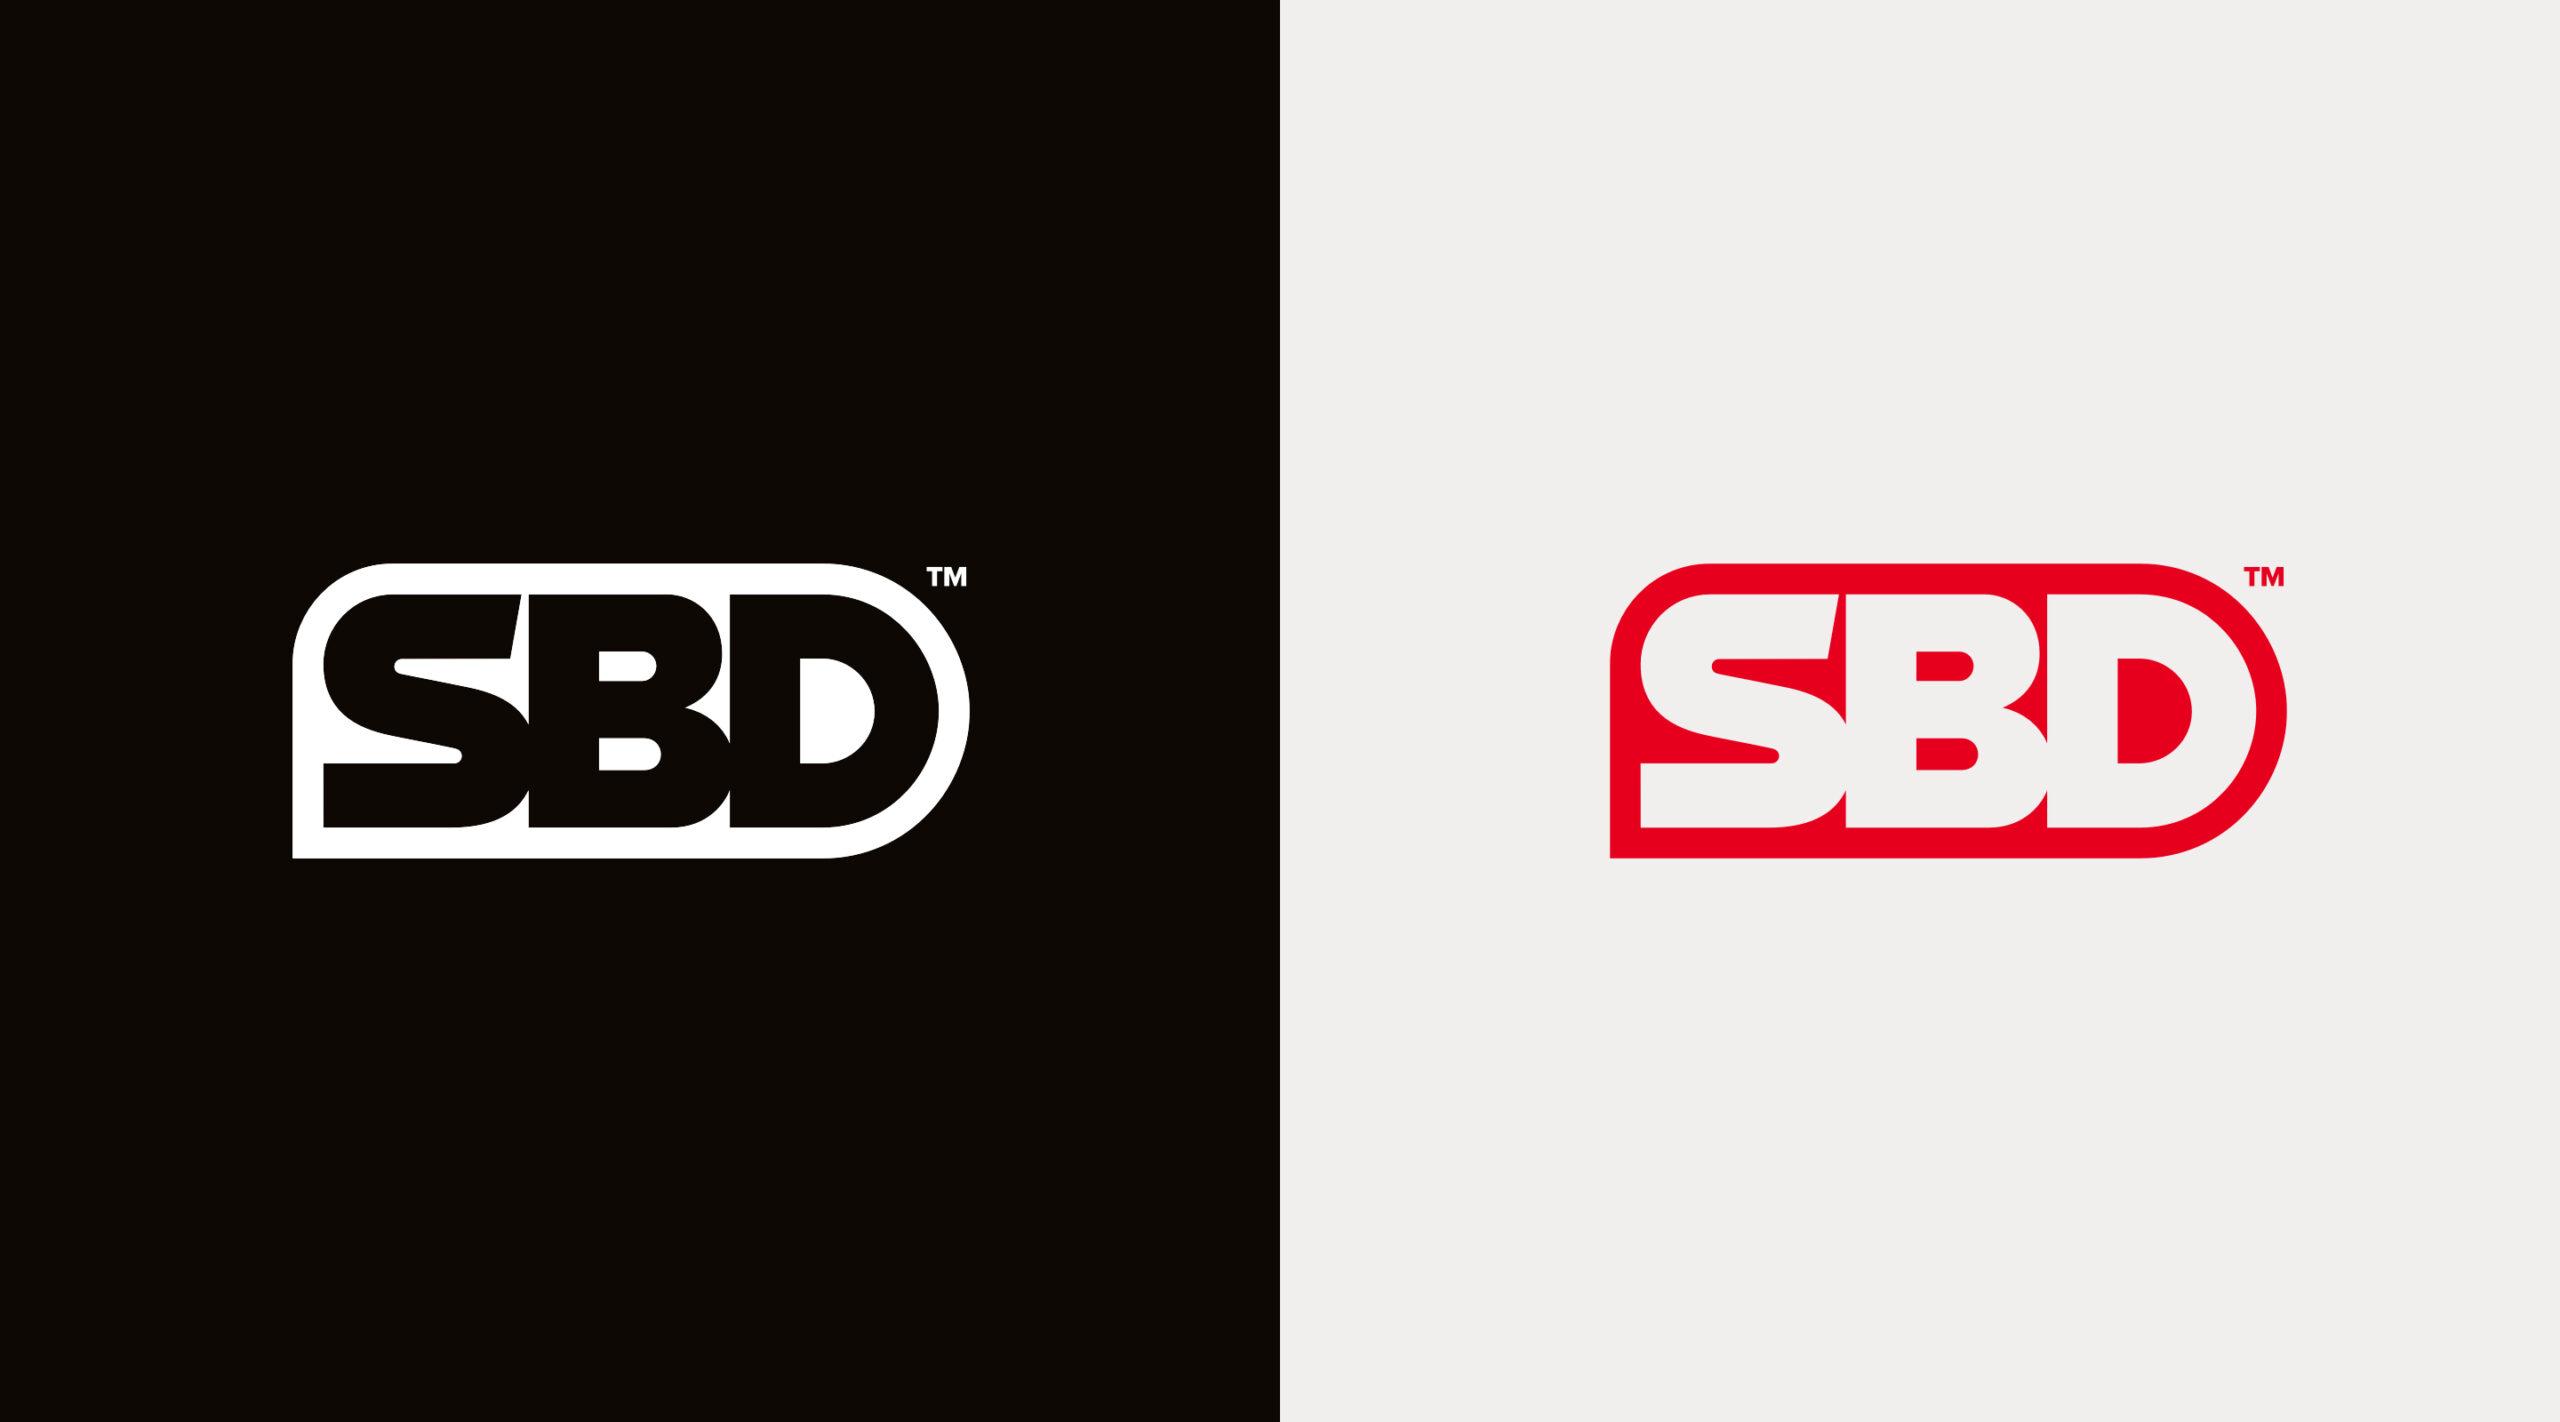 SBD Logos